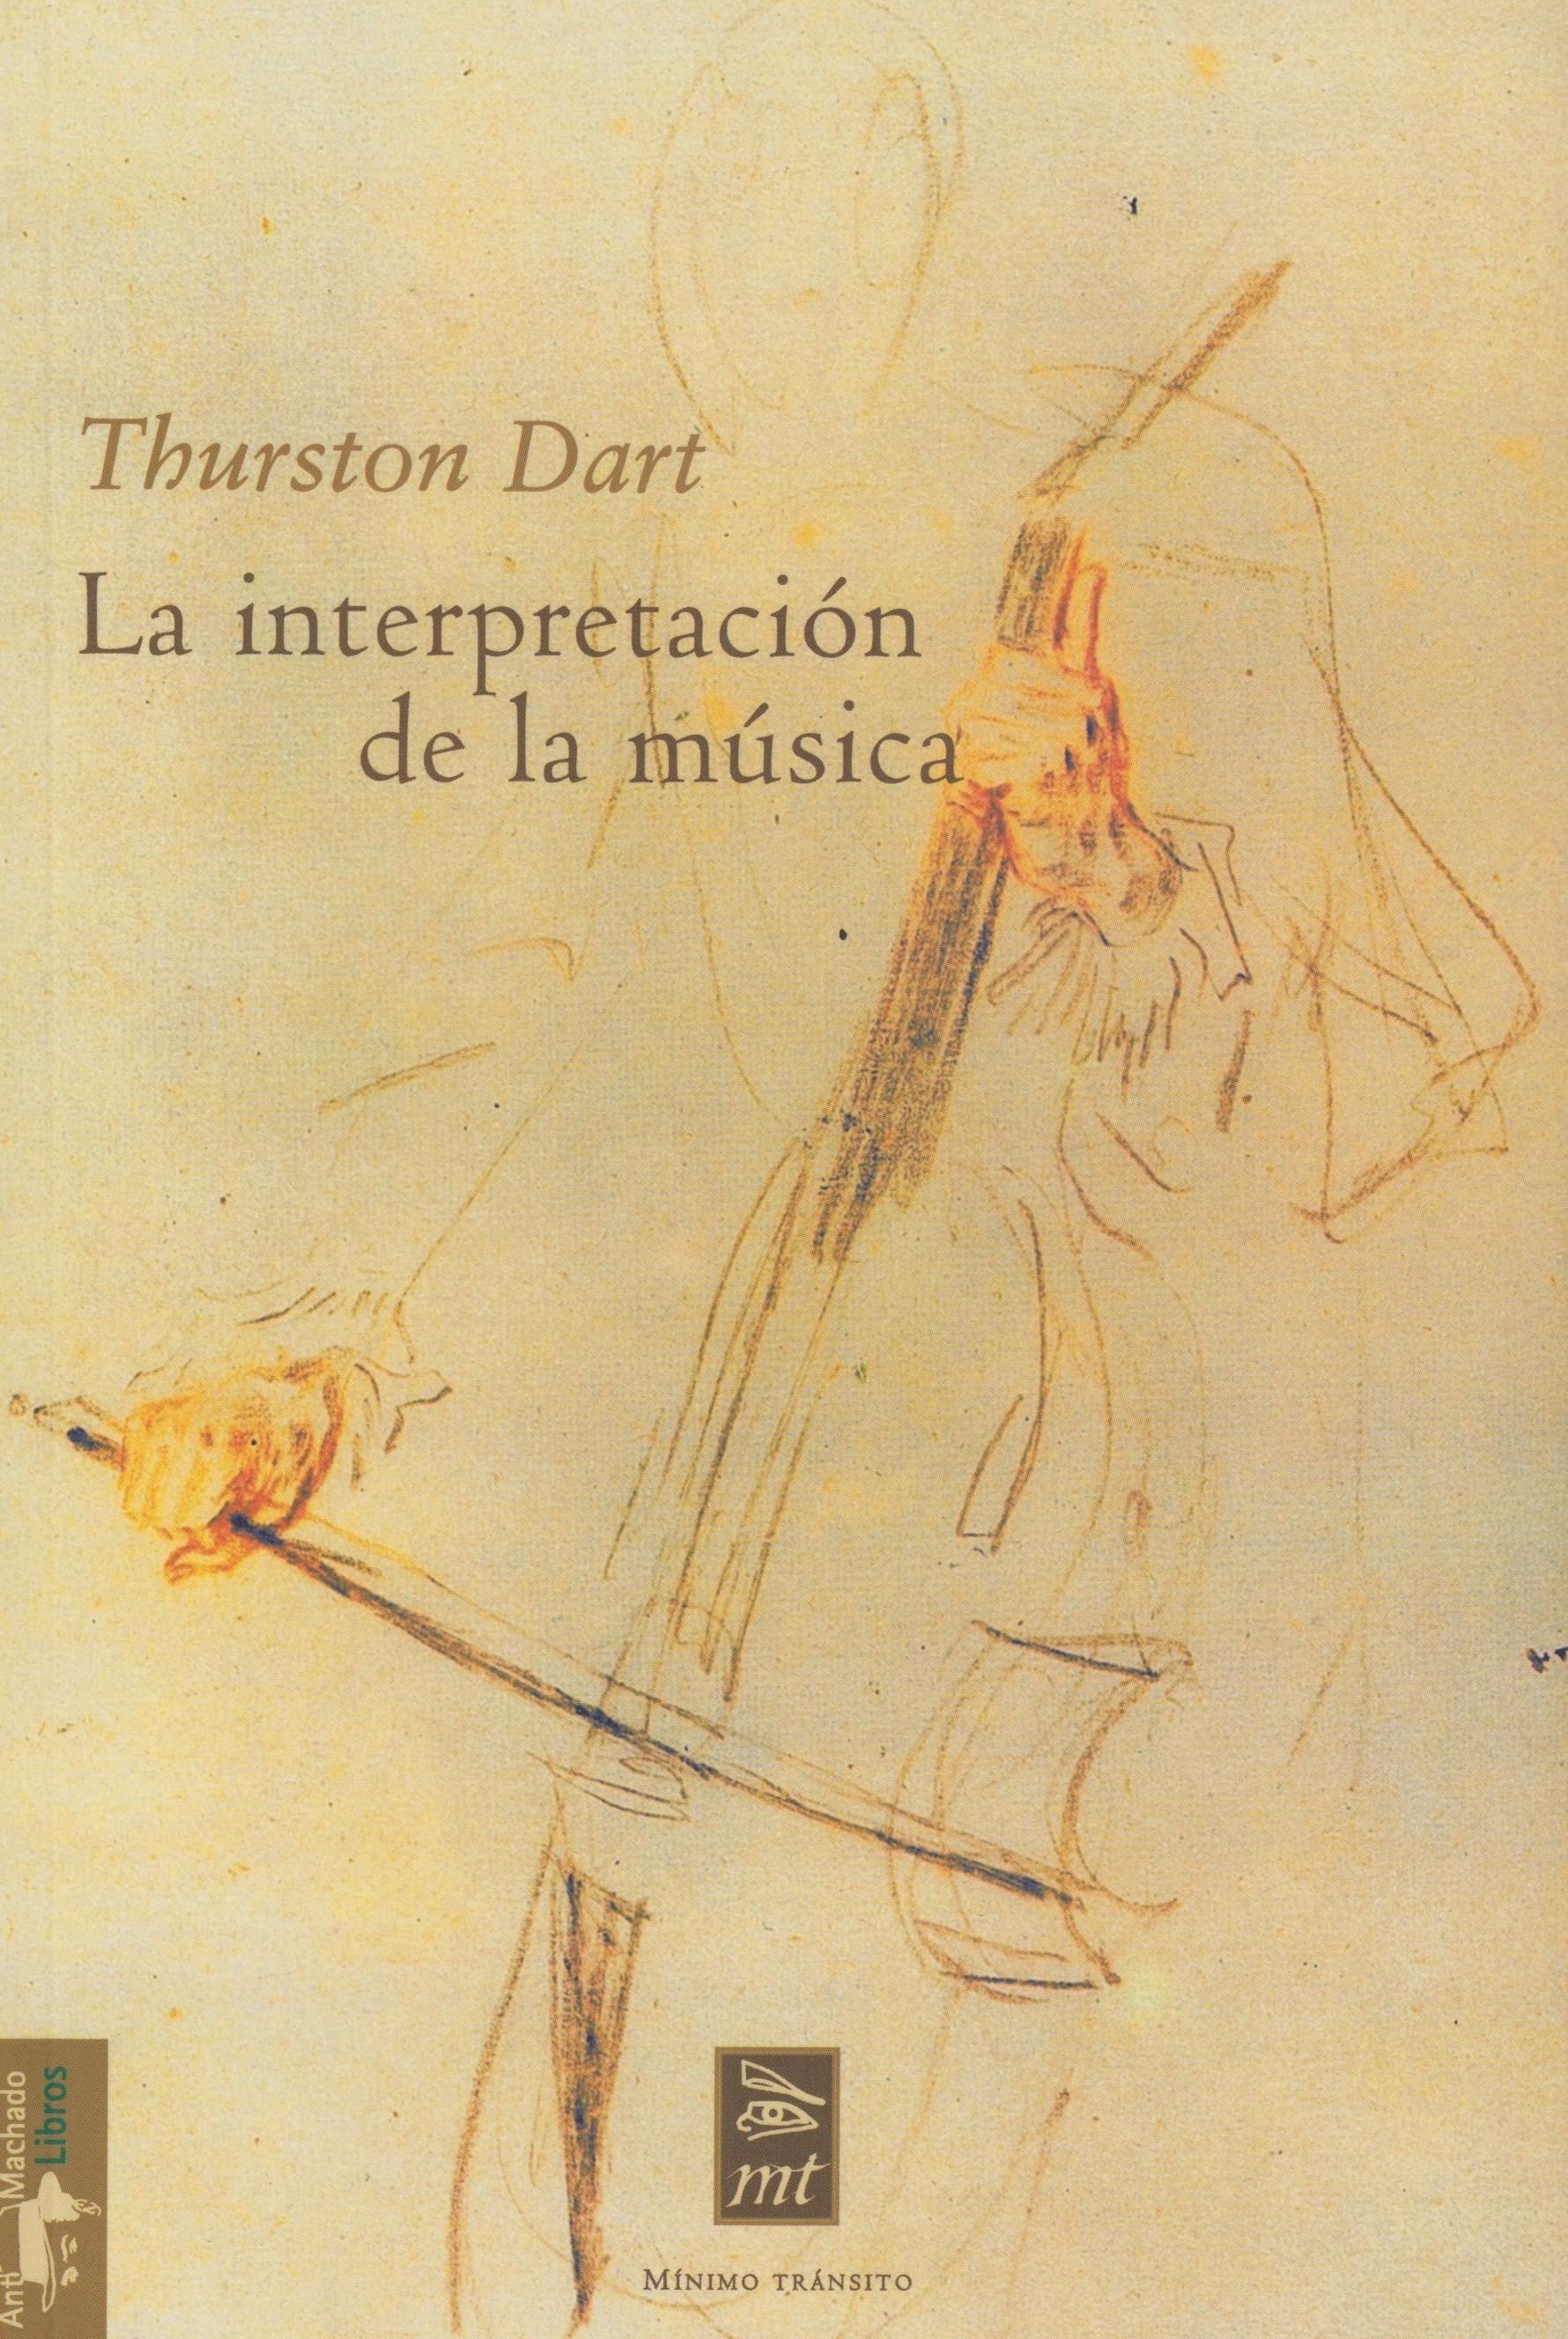 La interpretación de la música